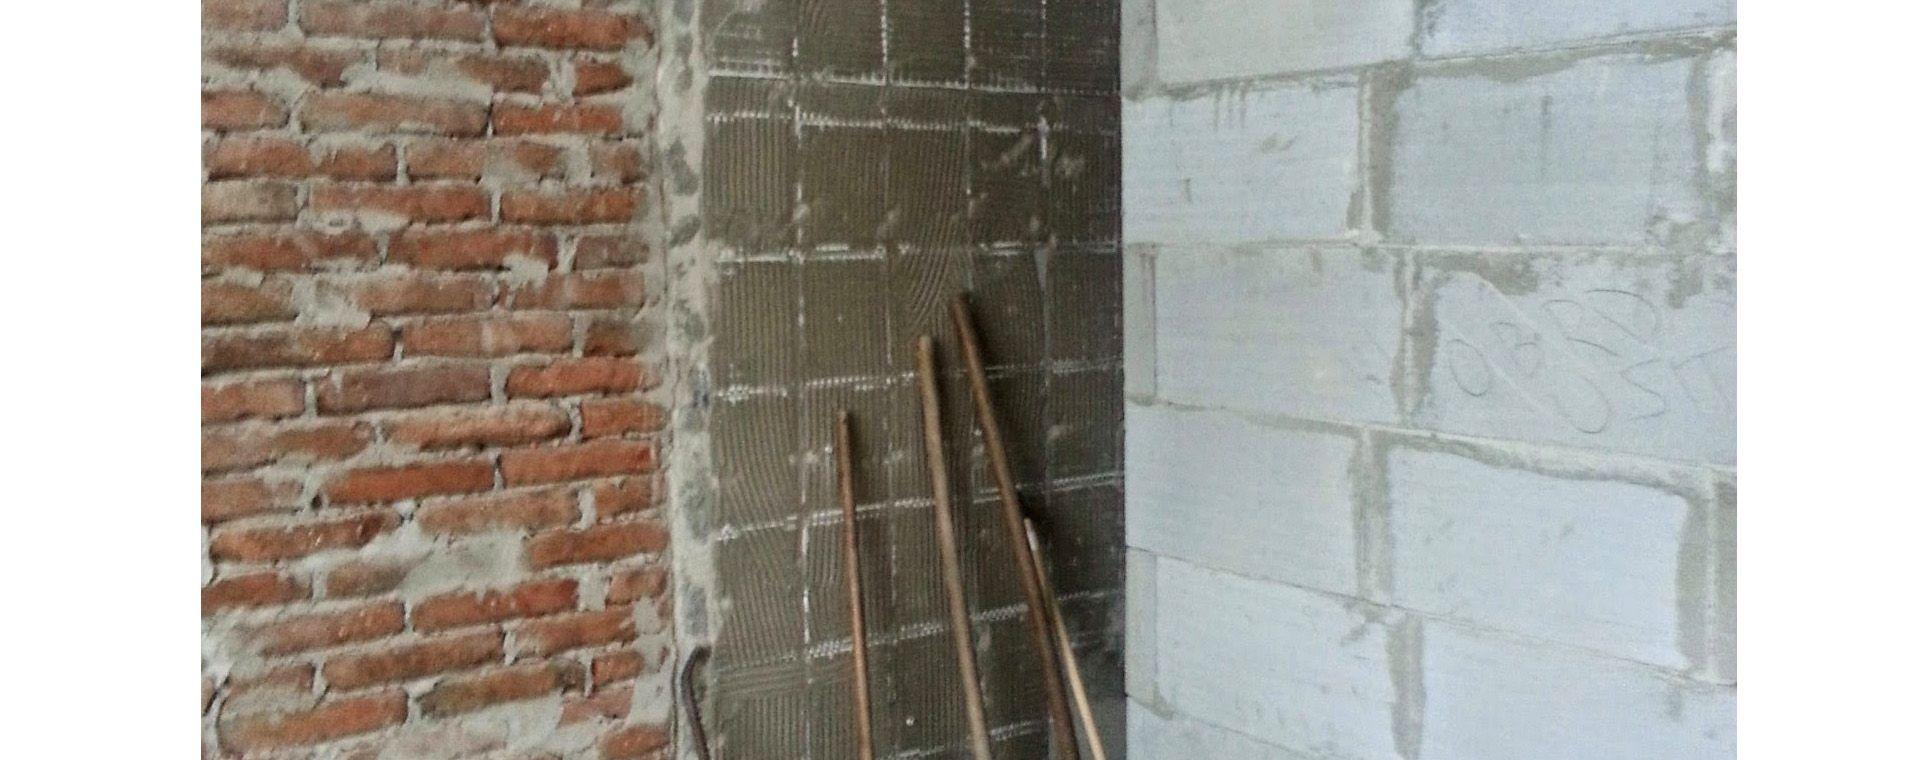 Realizace rekonstrukce bytu v ulici Štrusova, Žďár nad Sázavou, 2014-2015, CZ